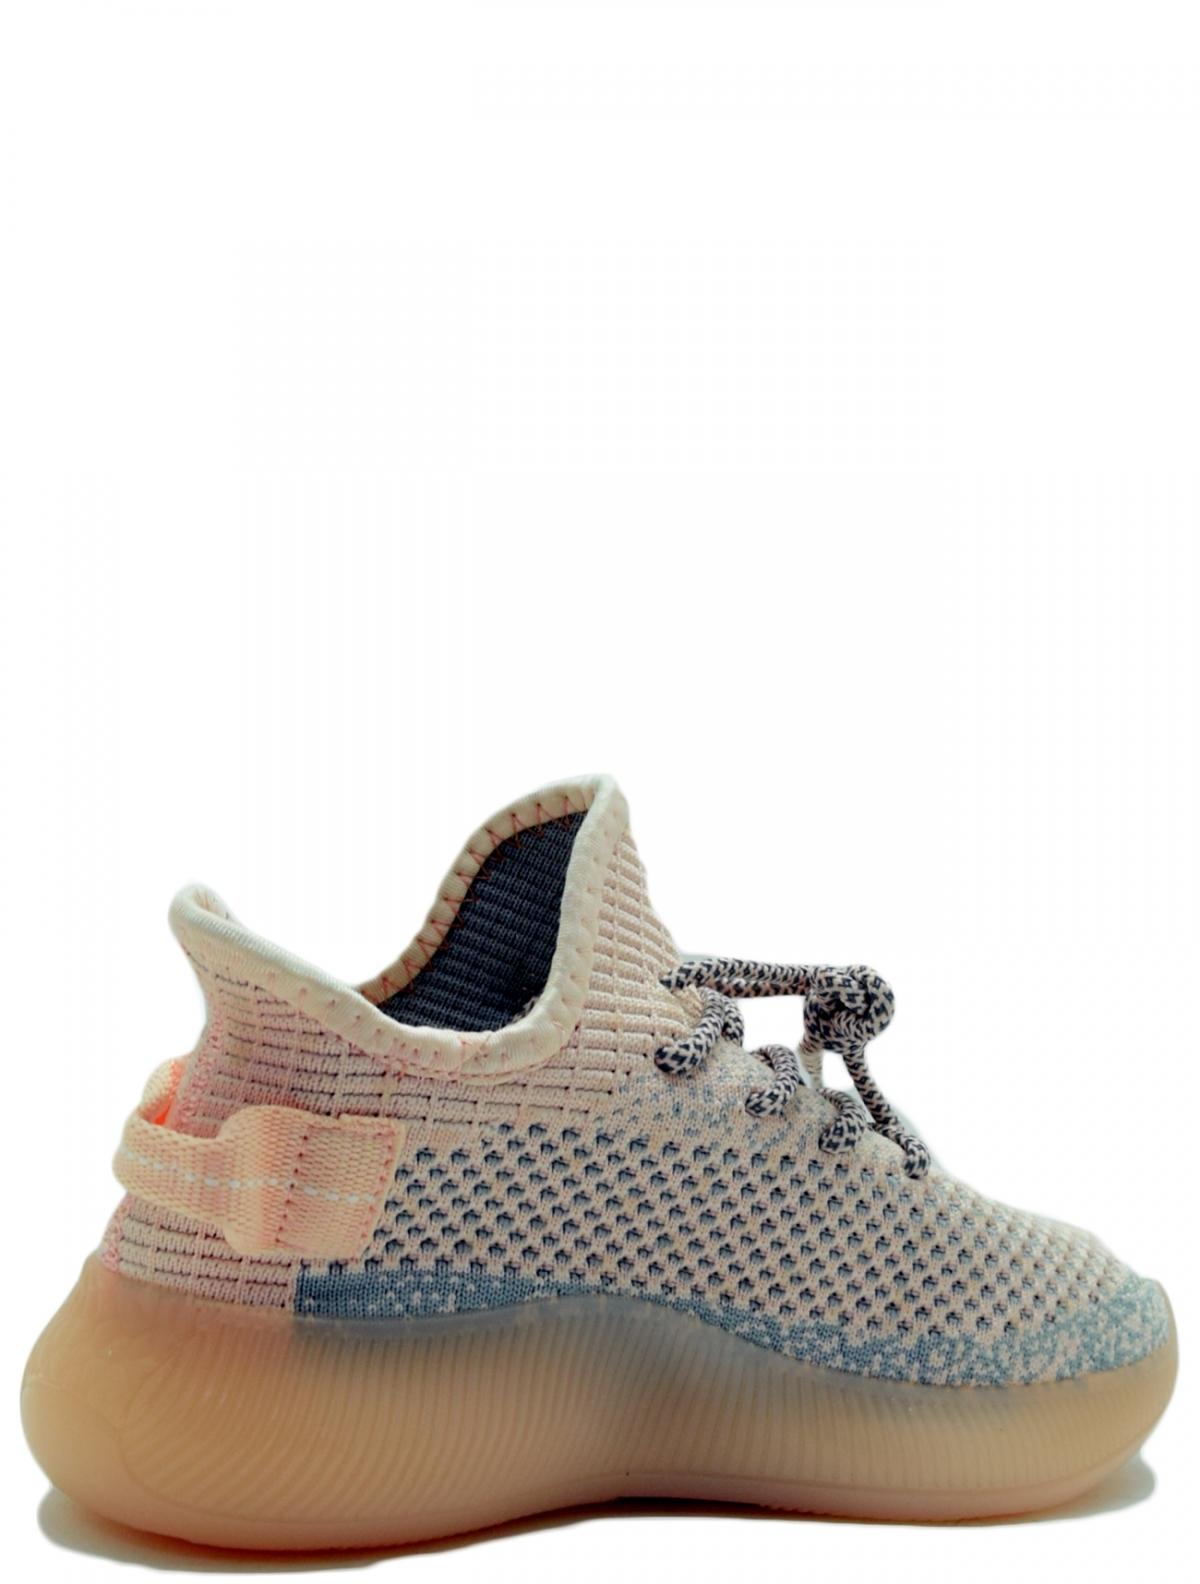 Niunailun B32-5 женские кроссовки